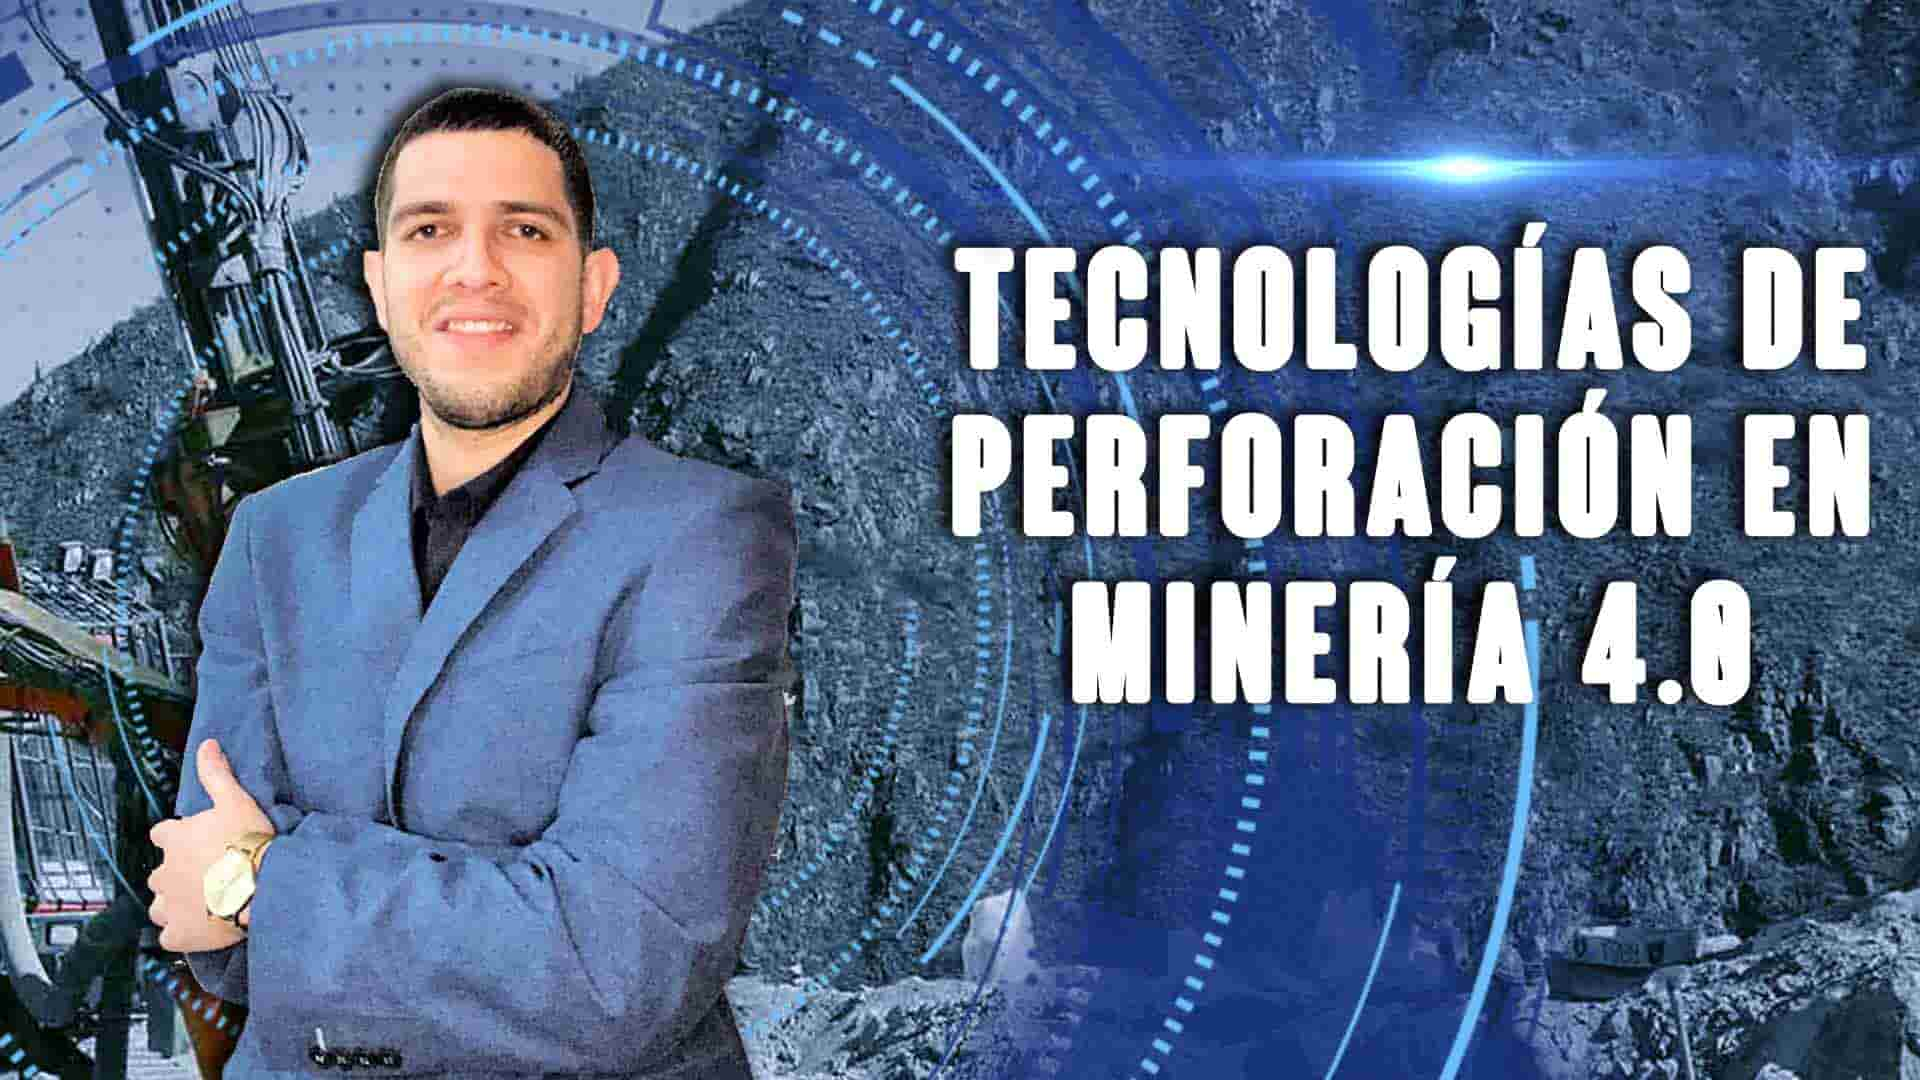 Tecnologías de perforación en minería 4.0